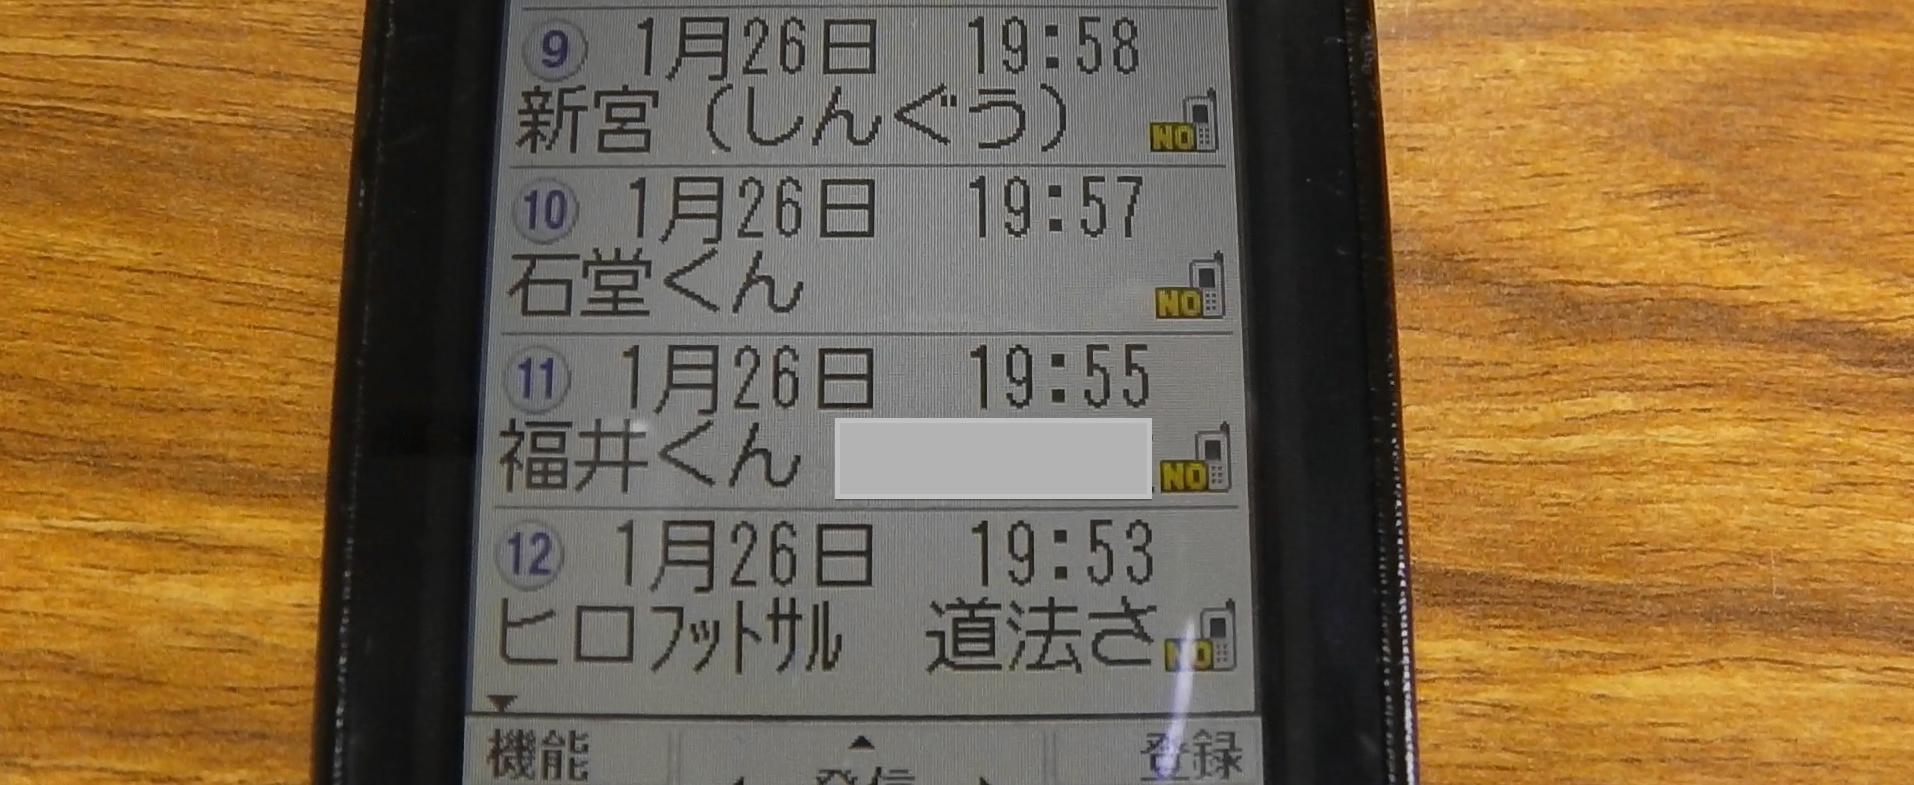 UNO 1/26(火) at 津田ヒロ _a0059812_15494663.jpg